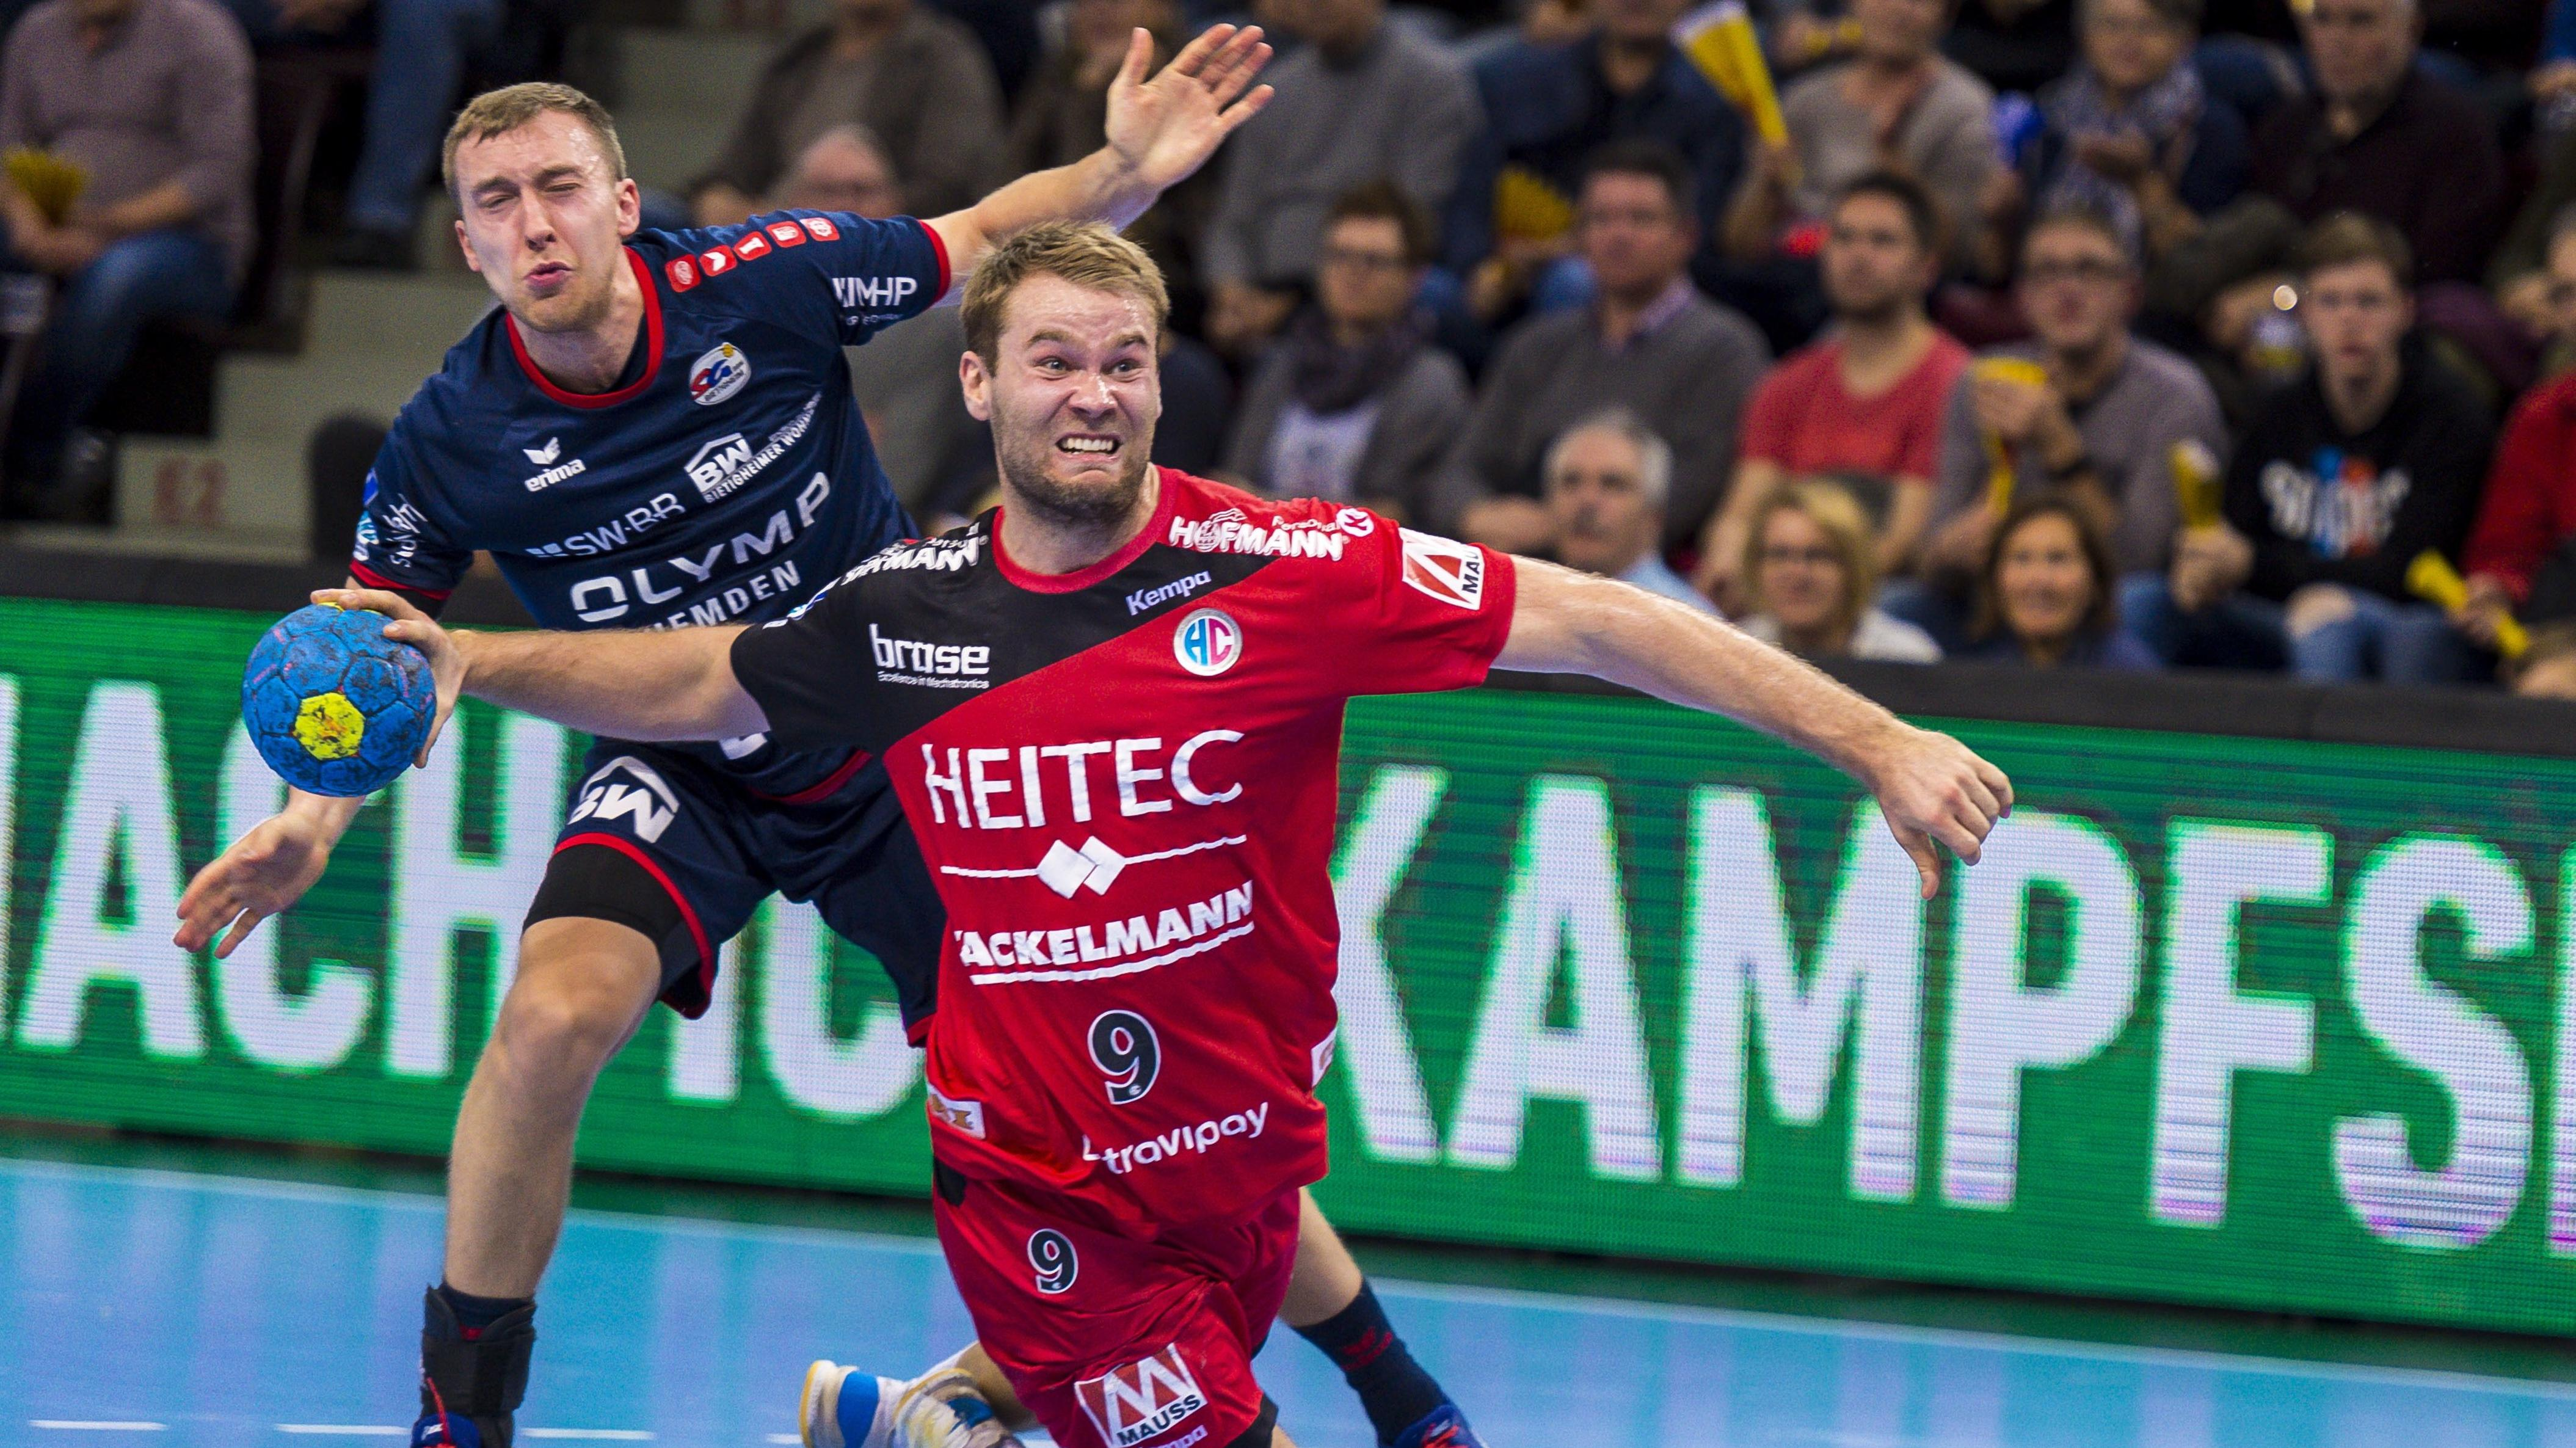 Petter Overby vom HC Erlangen beim Torwurf